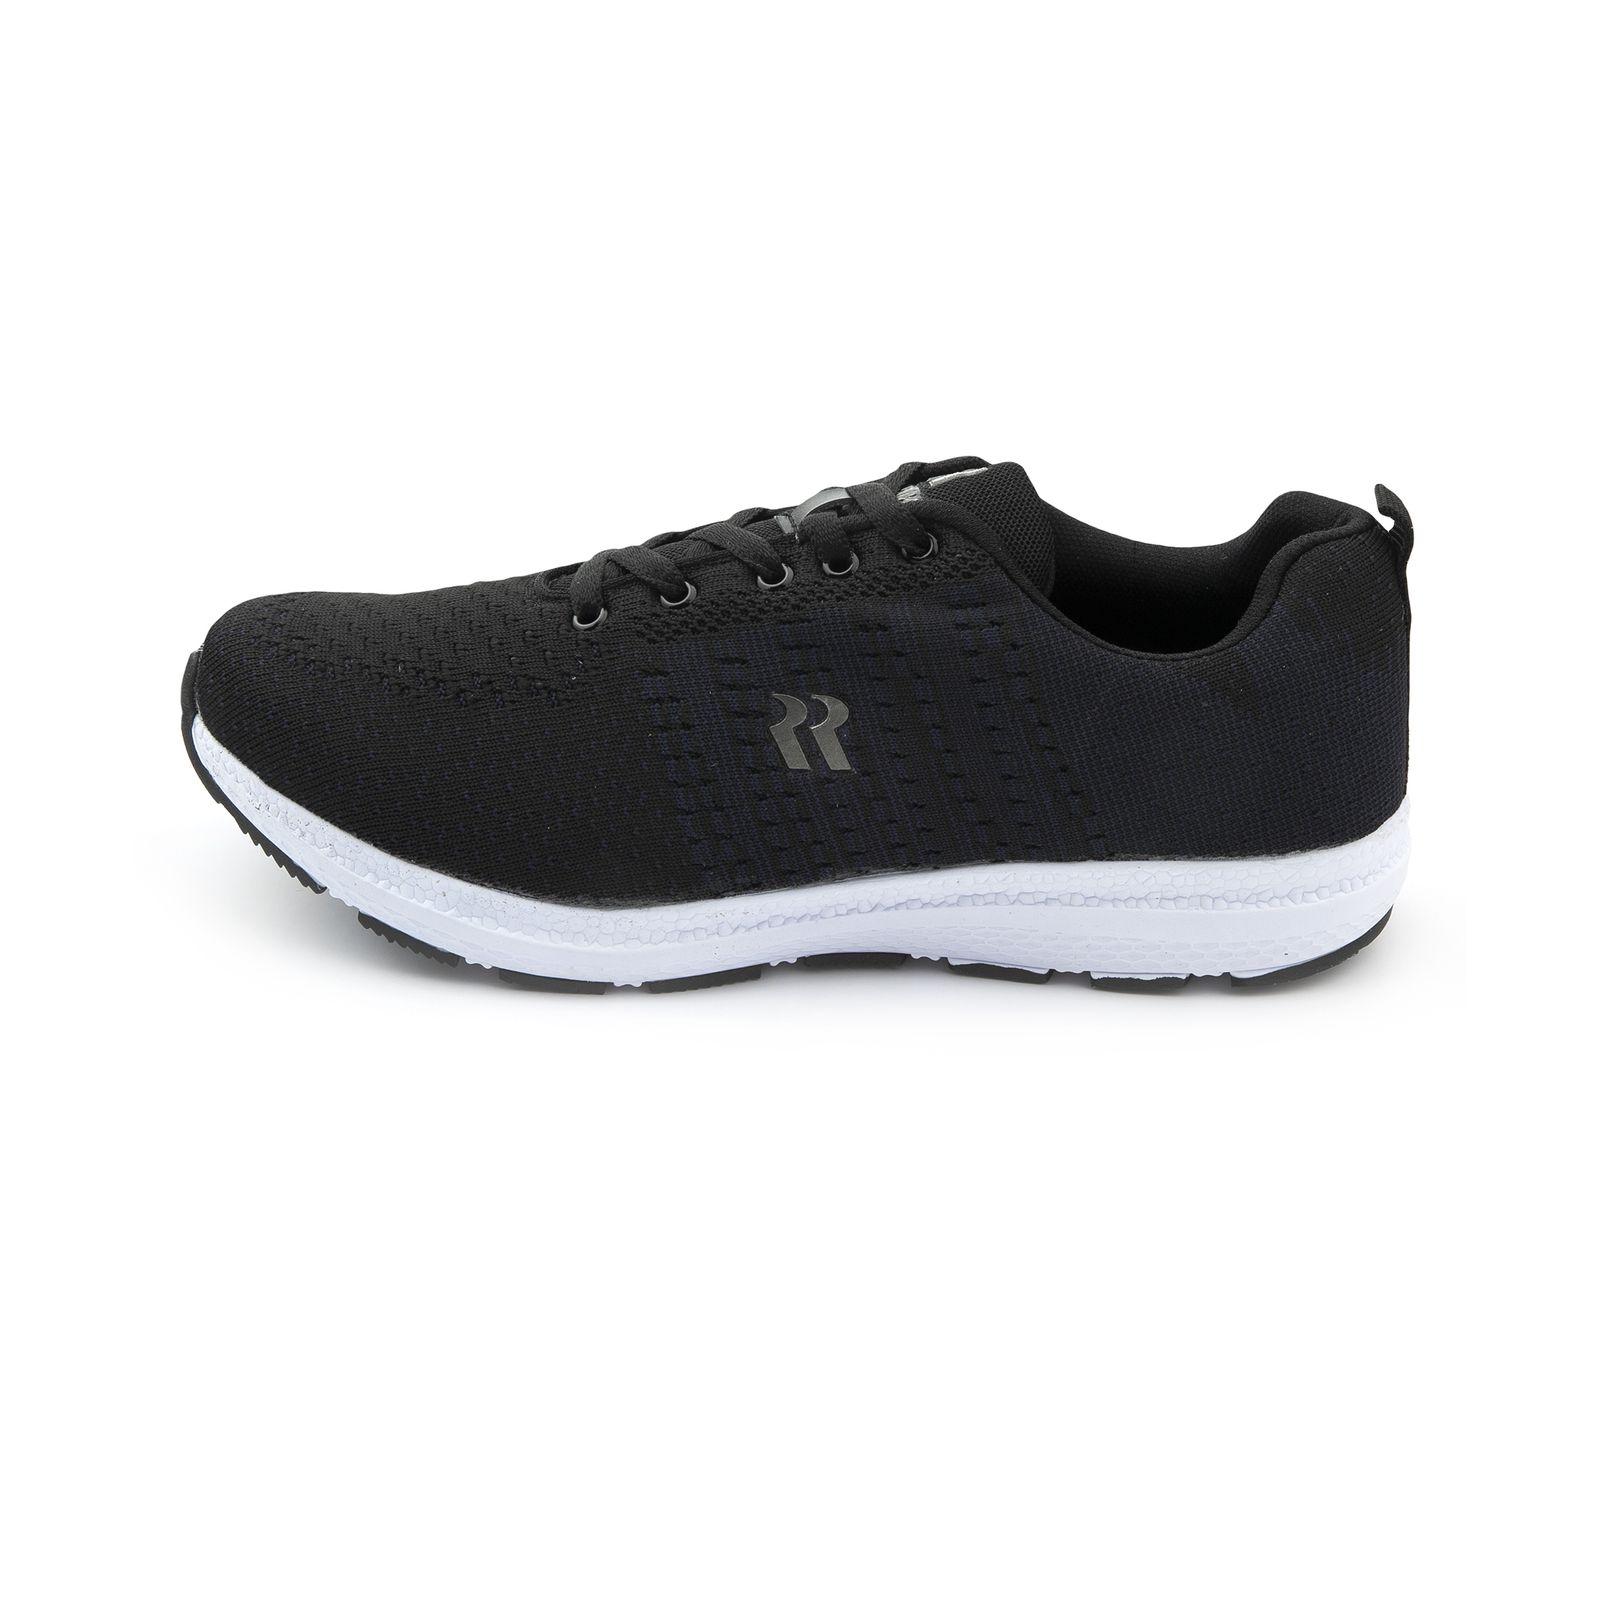 کفش پیاده روی مردانه رومیکا مدل 7r10a-black -  - 2